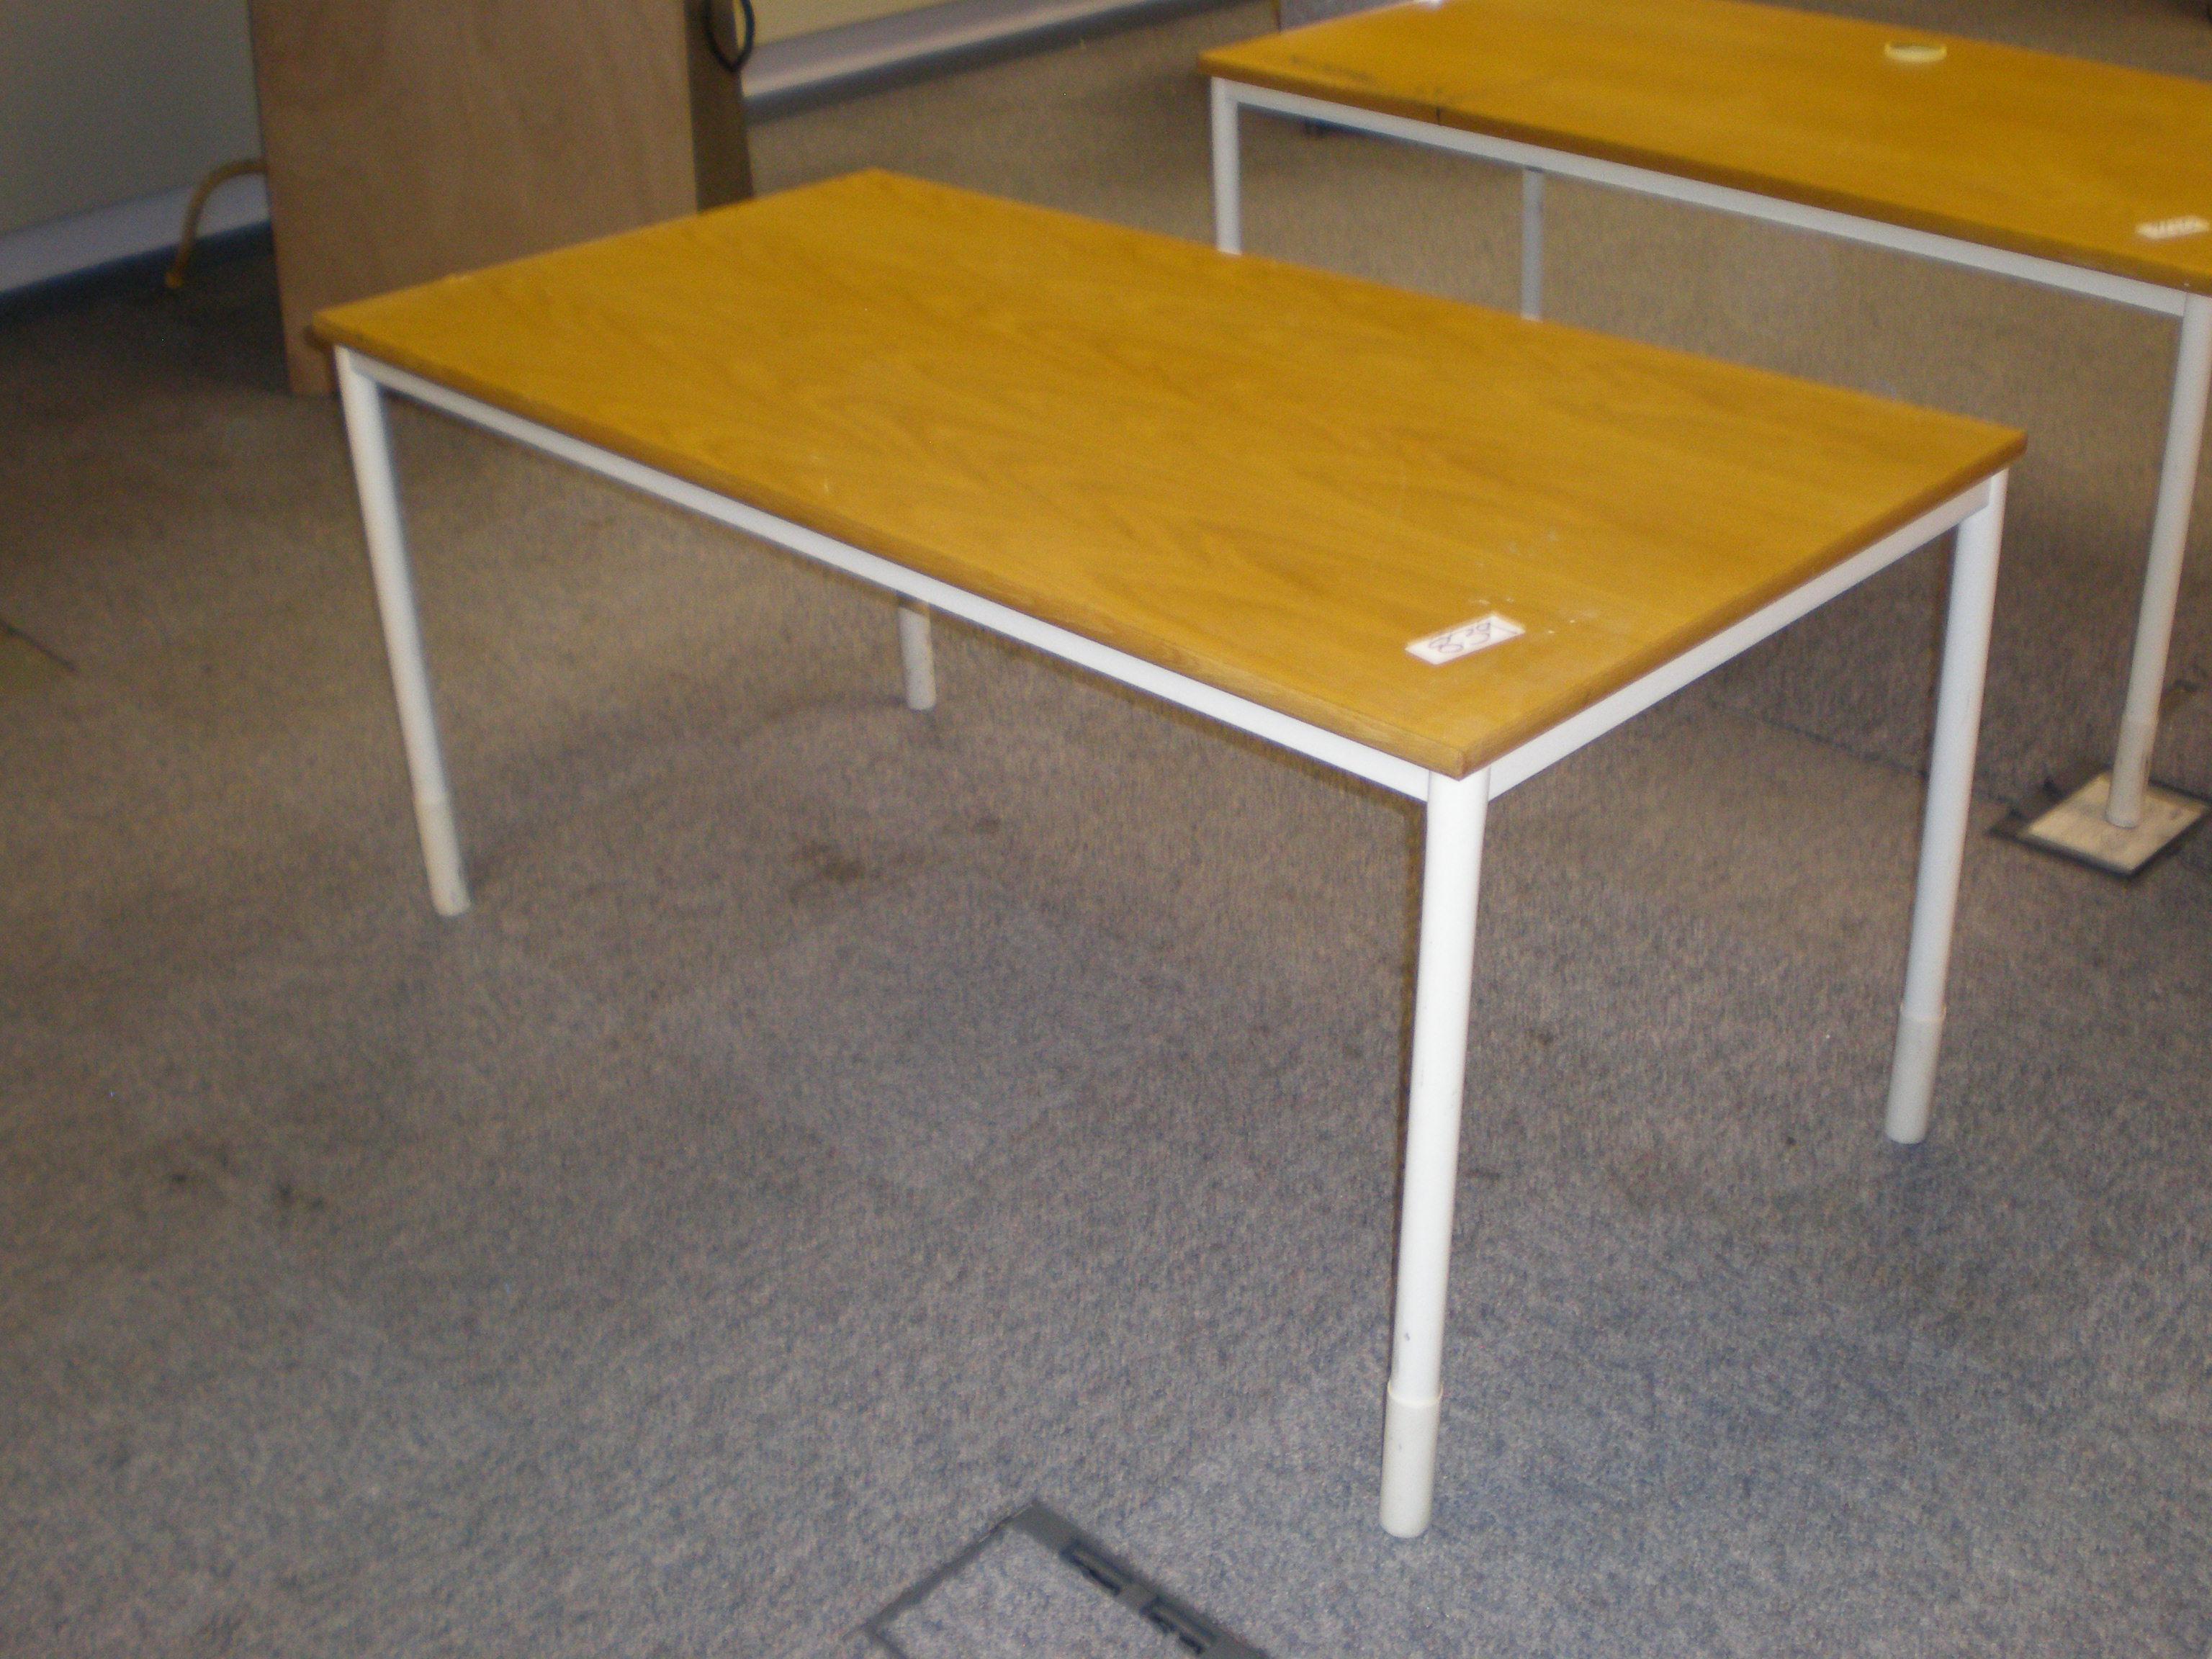 Desk Adjustable Height Legs